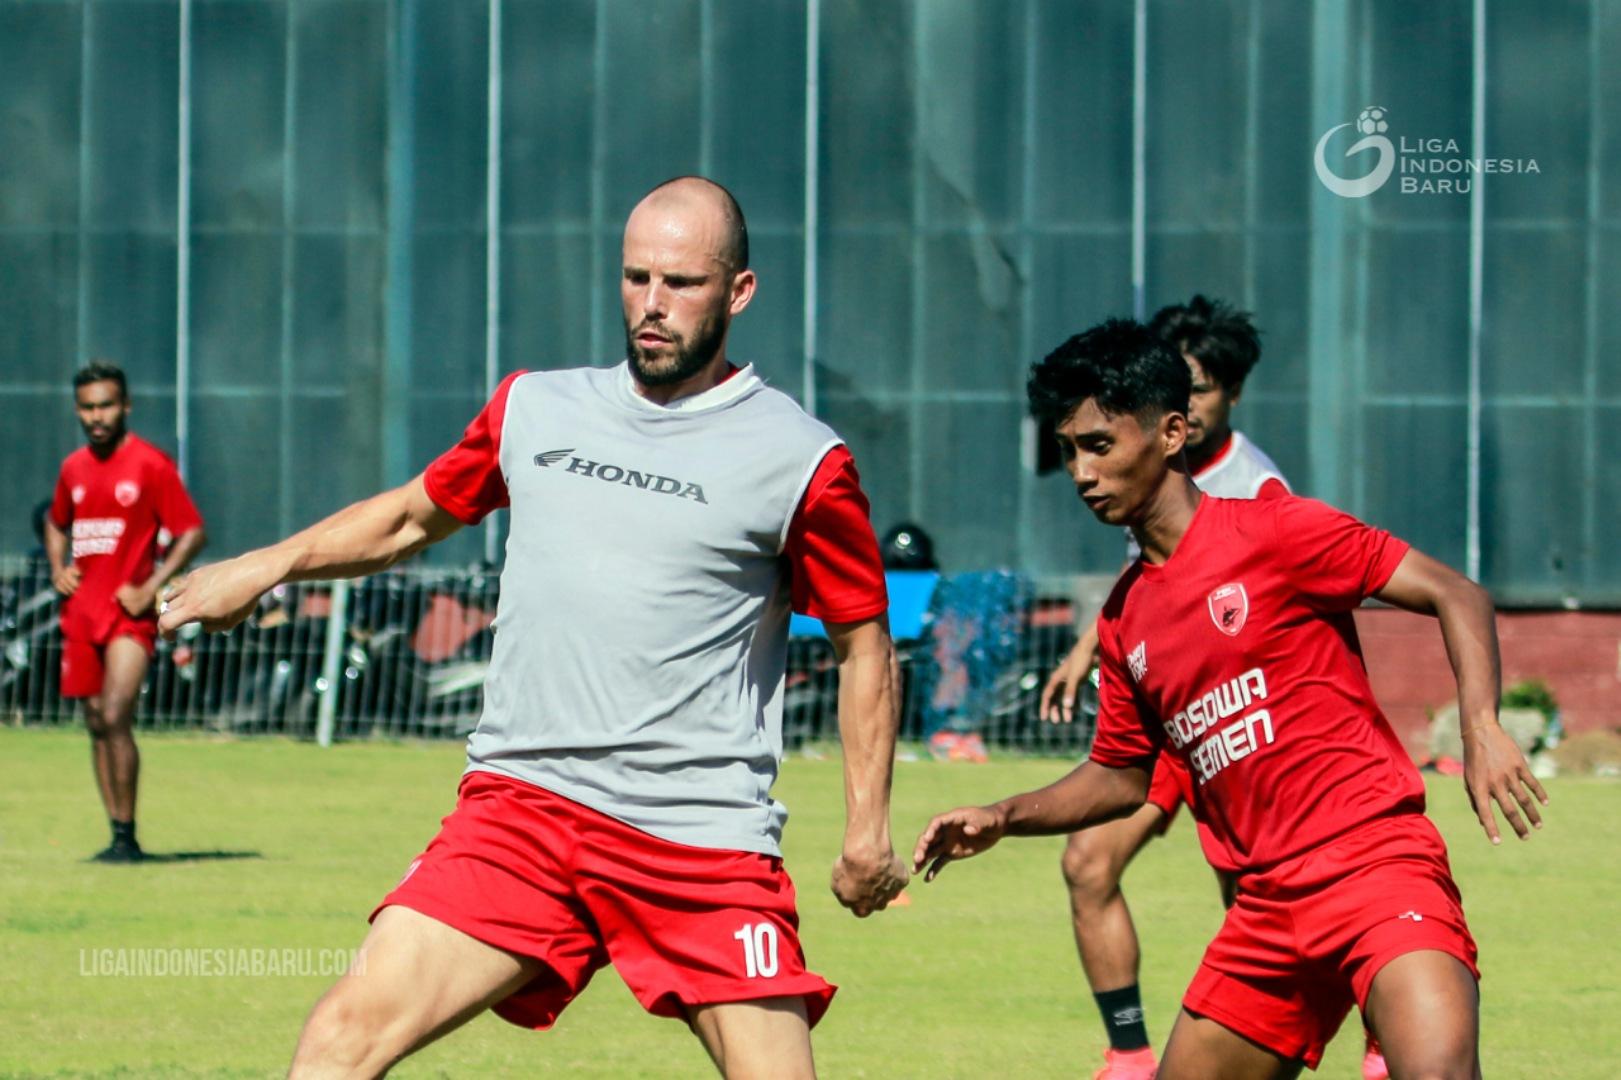 PSM Makassar terus bersiap diri untuk menyambut Liga 1 2021 agar dapat meraih prestasi membanggakan. (foto: PT LIB)